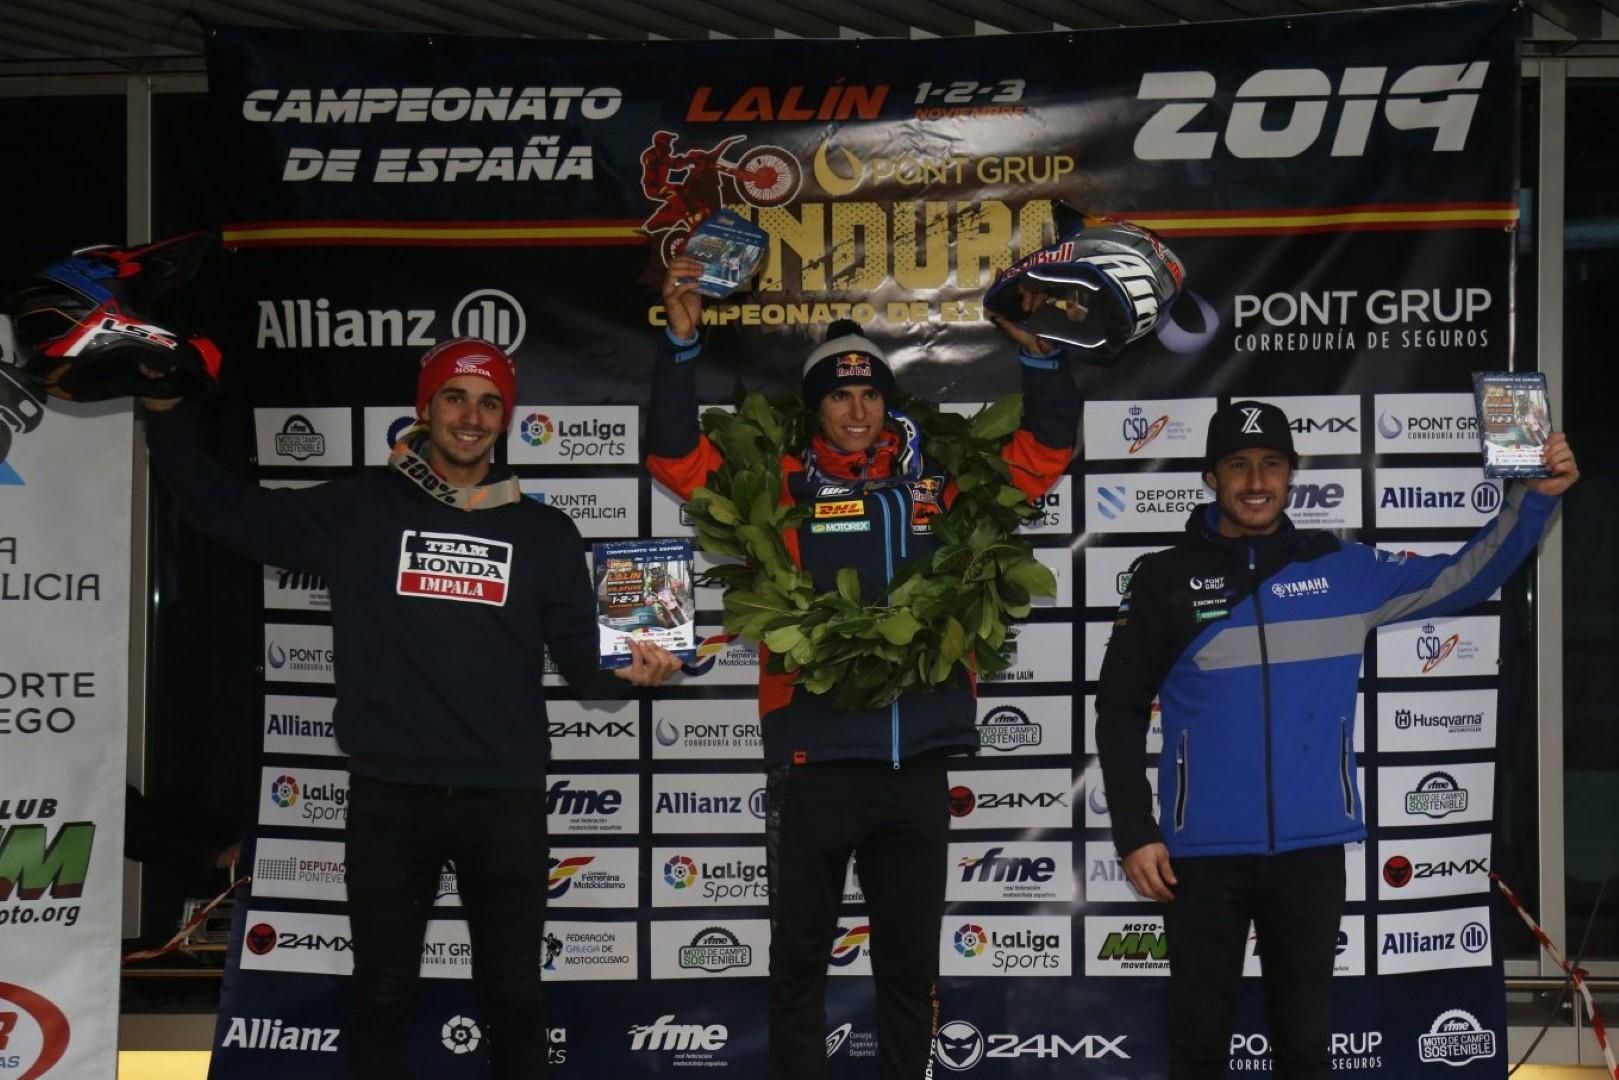 ¡Josep García Campeón de España absoluto de Enduro!